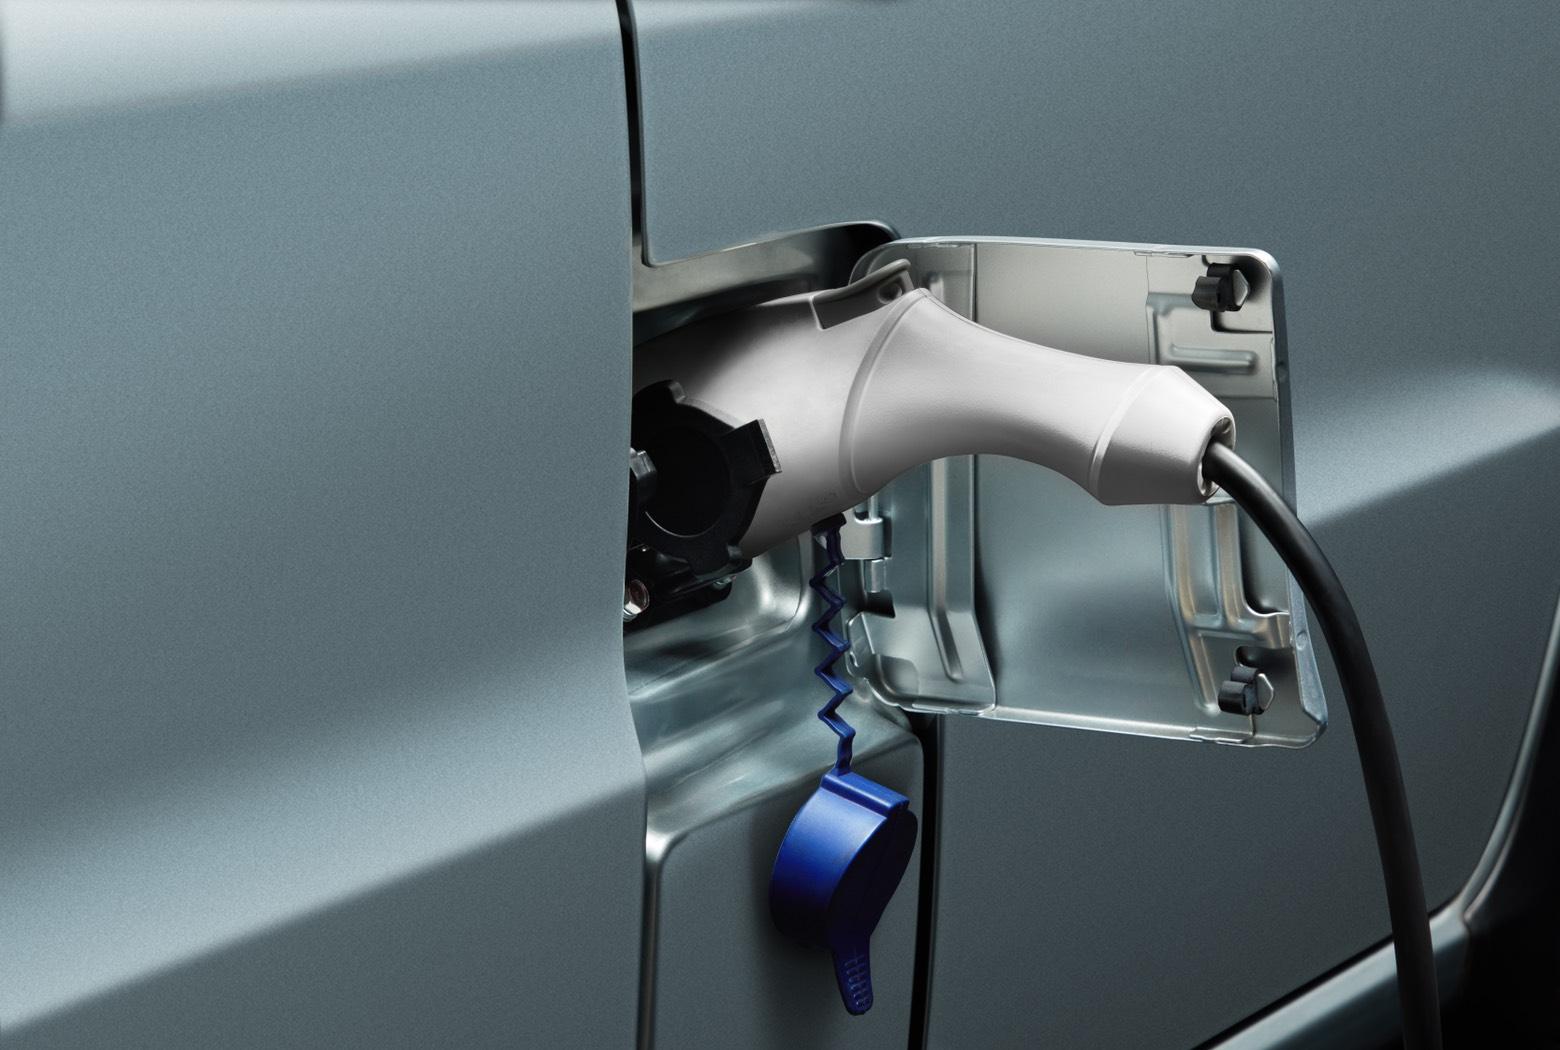 中華菱利e-VERYCA零排放  節能減碳讓您充電好安心.jpg